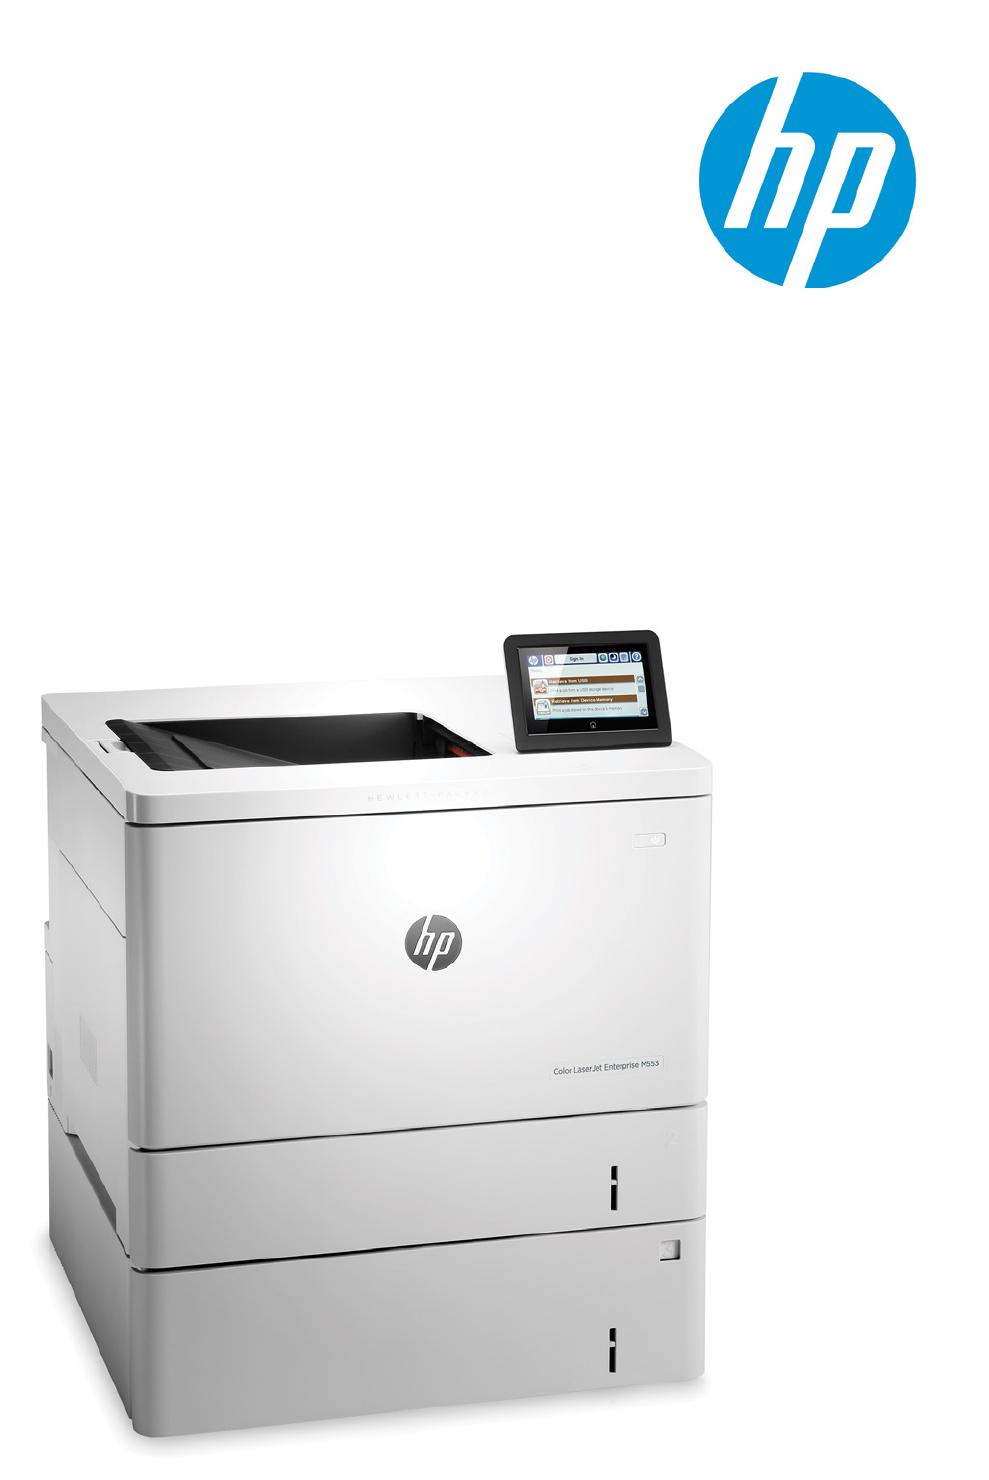 Product guide HP Color LaserJet Enterprise M552/M553 series